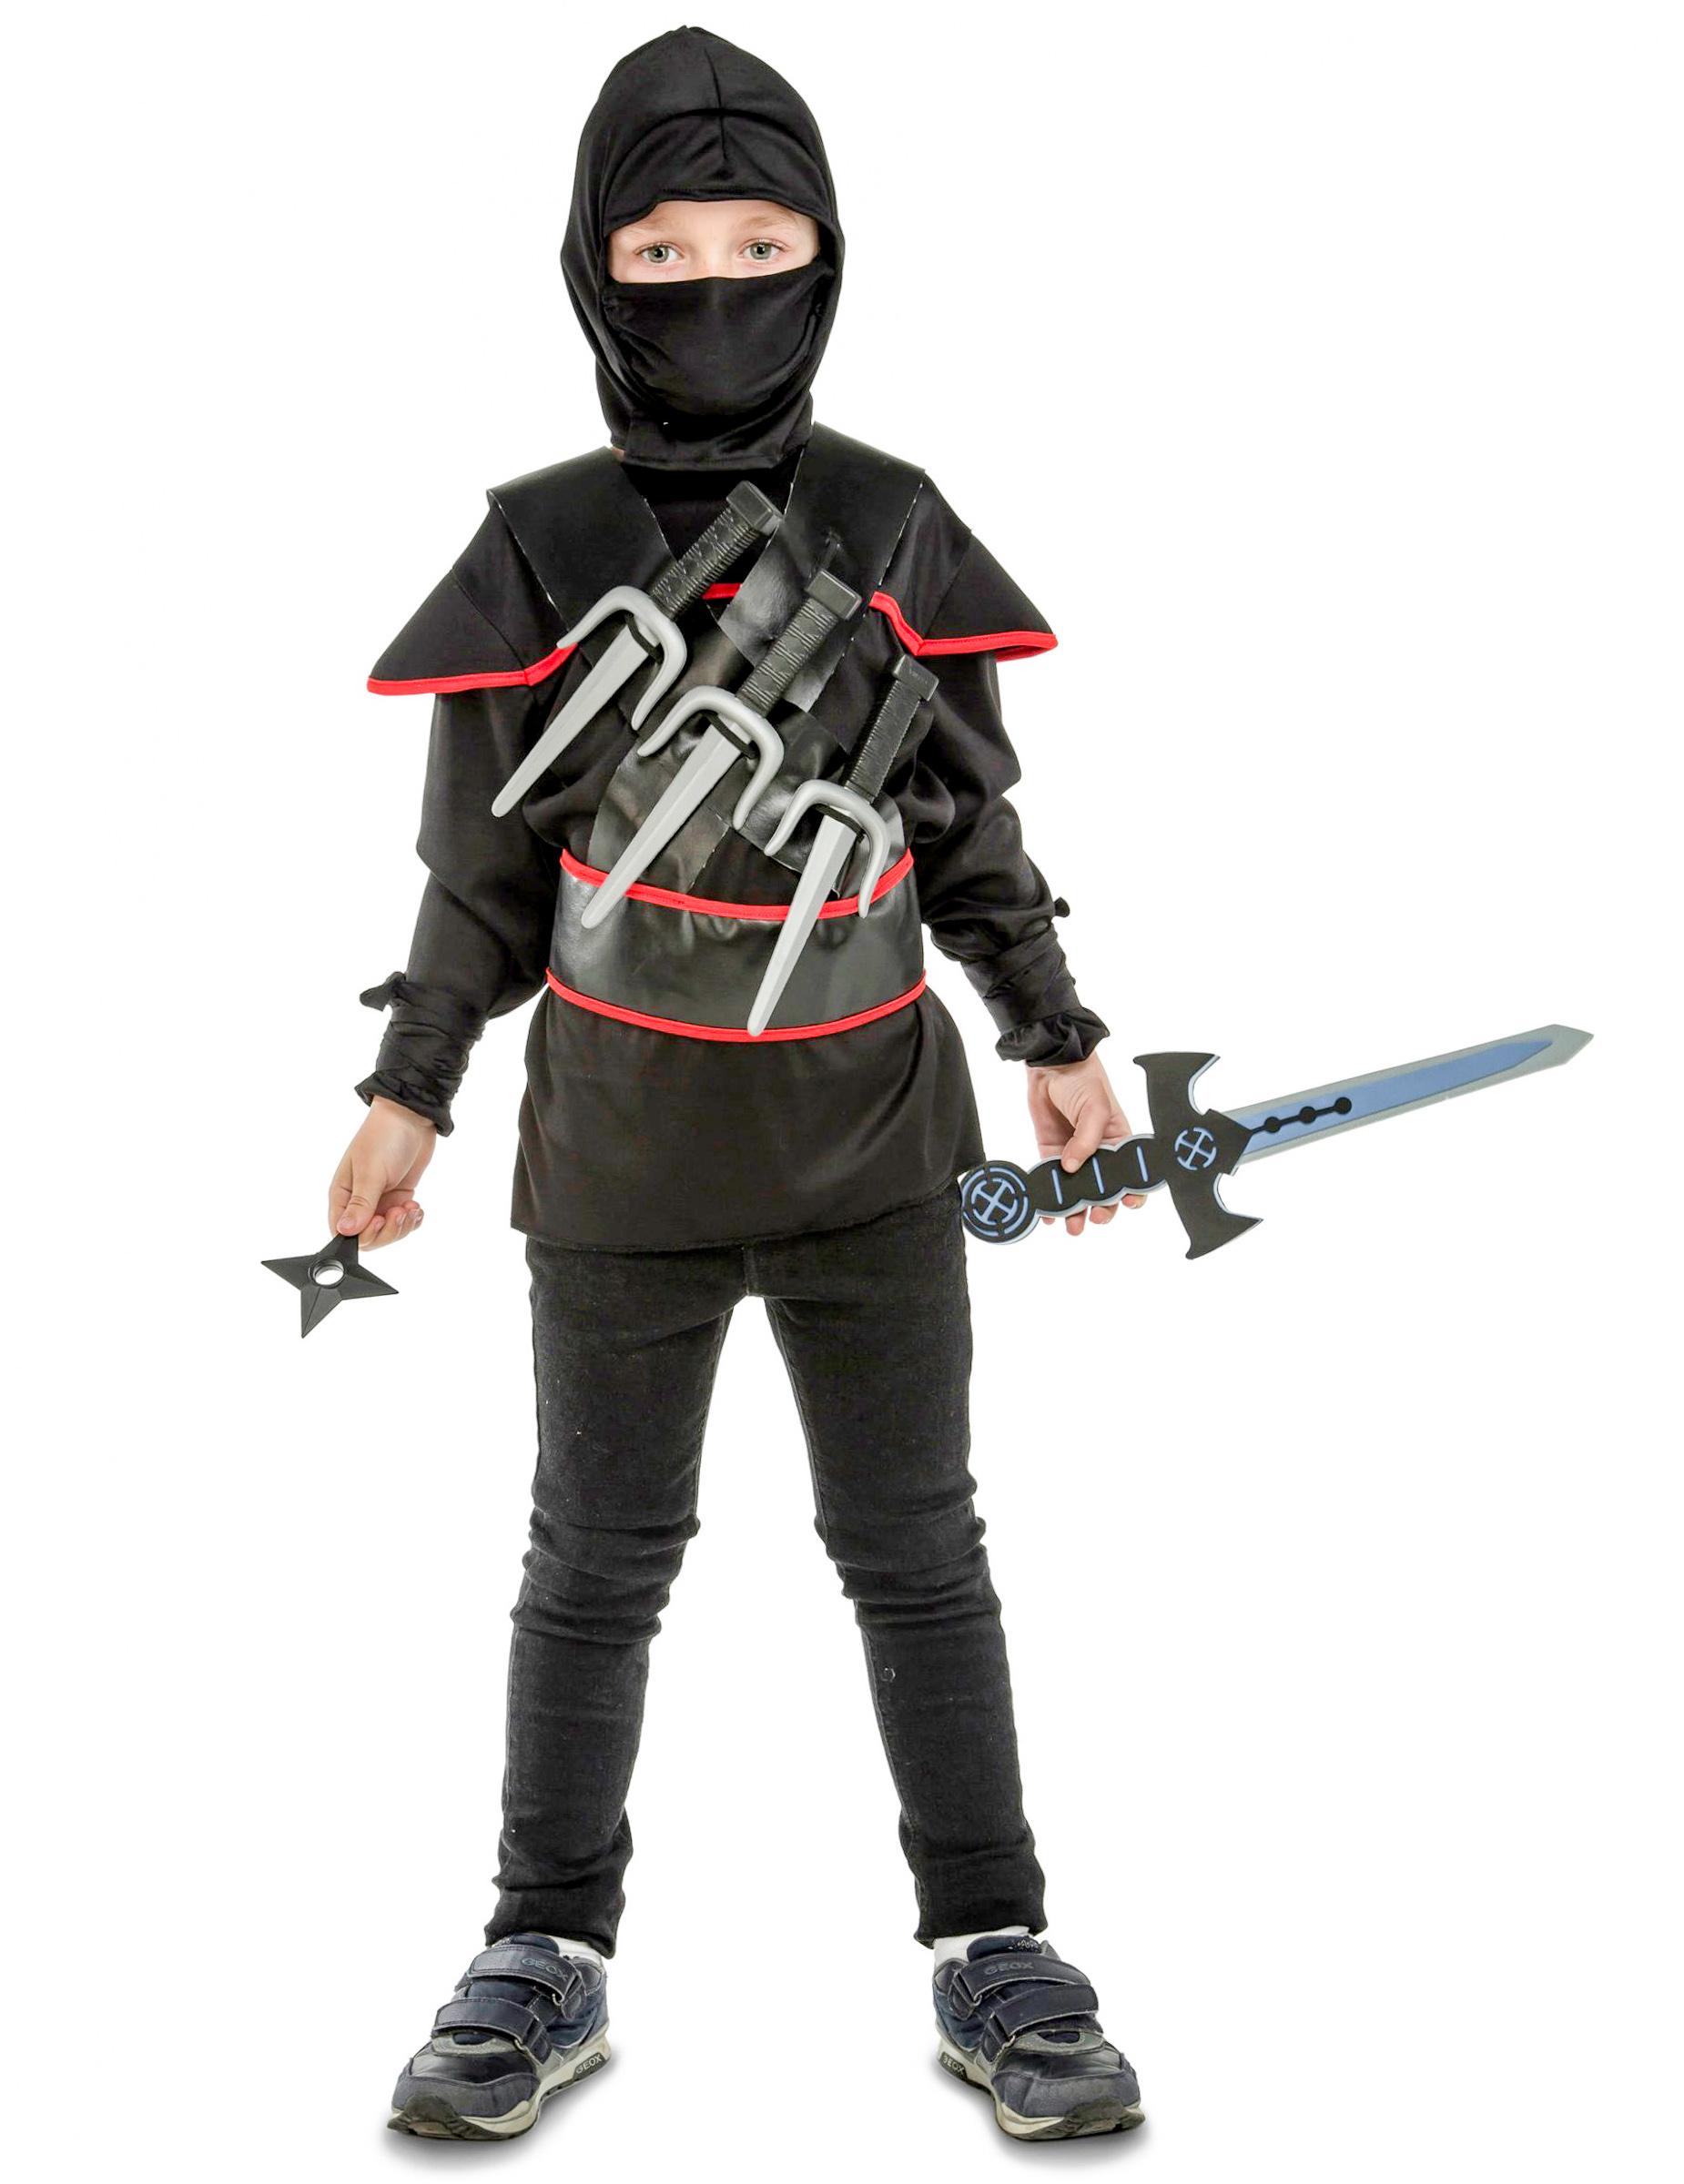 d guisement ninja noir avec accessoires enfant deguise toi achat de d guisements enfants. Black Bedroom Furniture Sets. Home Design Ideas